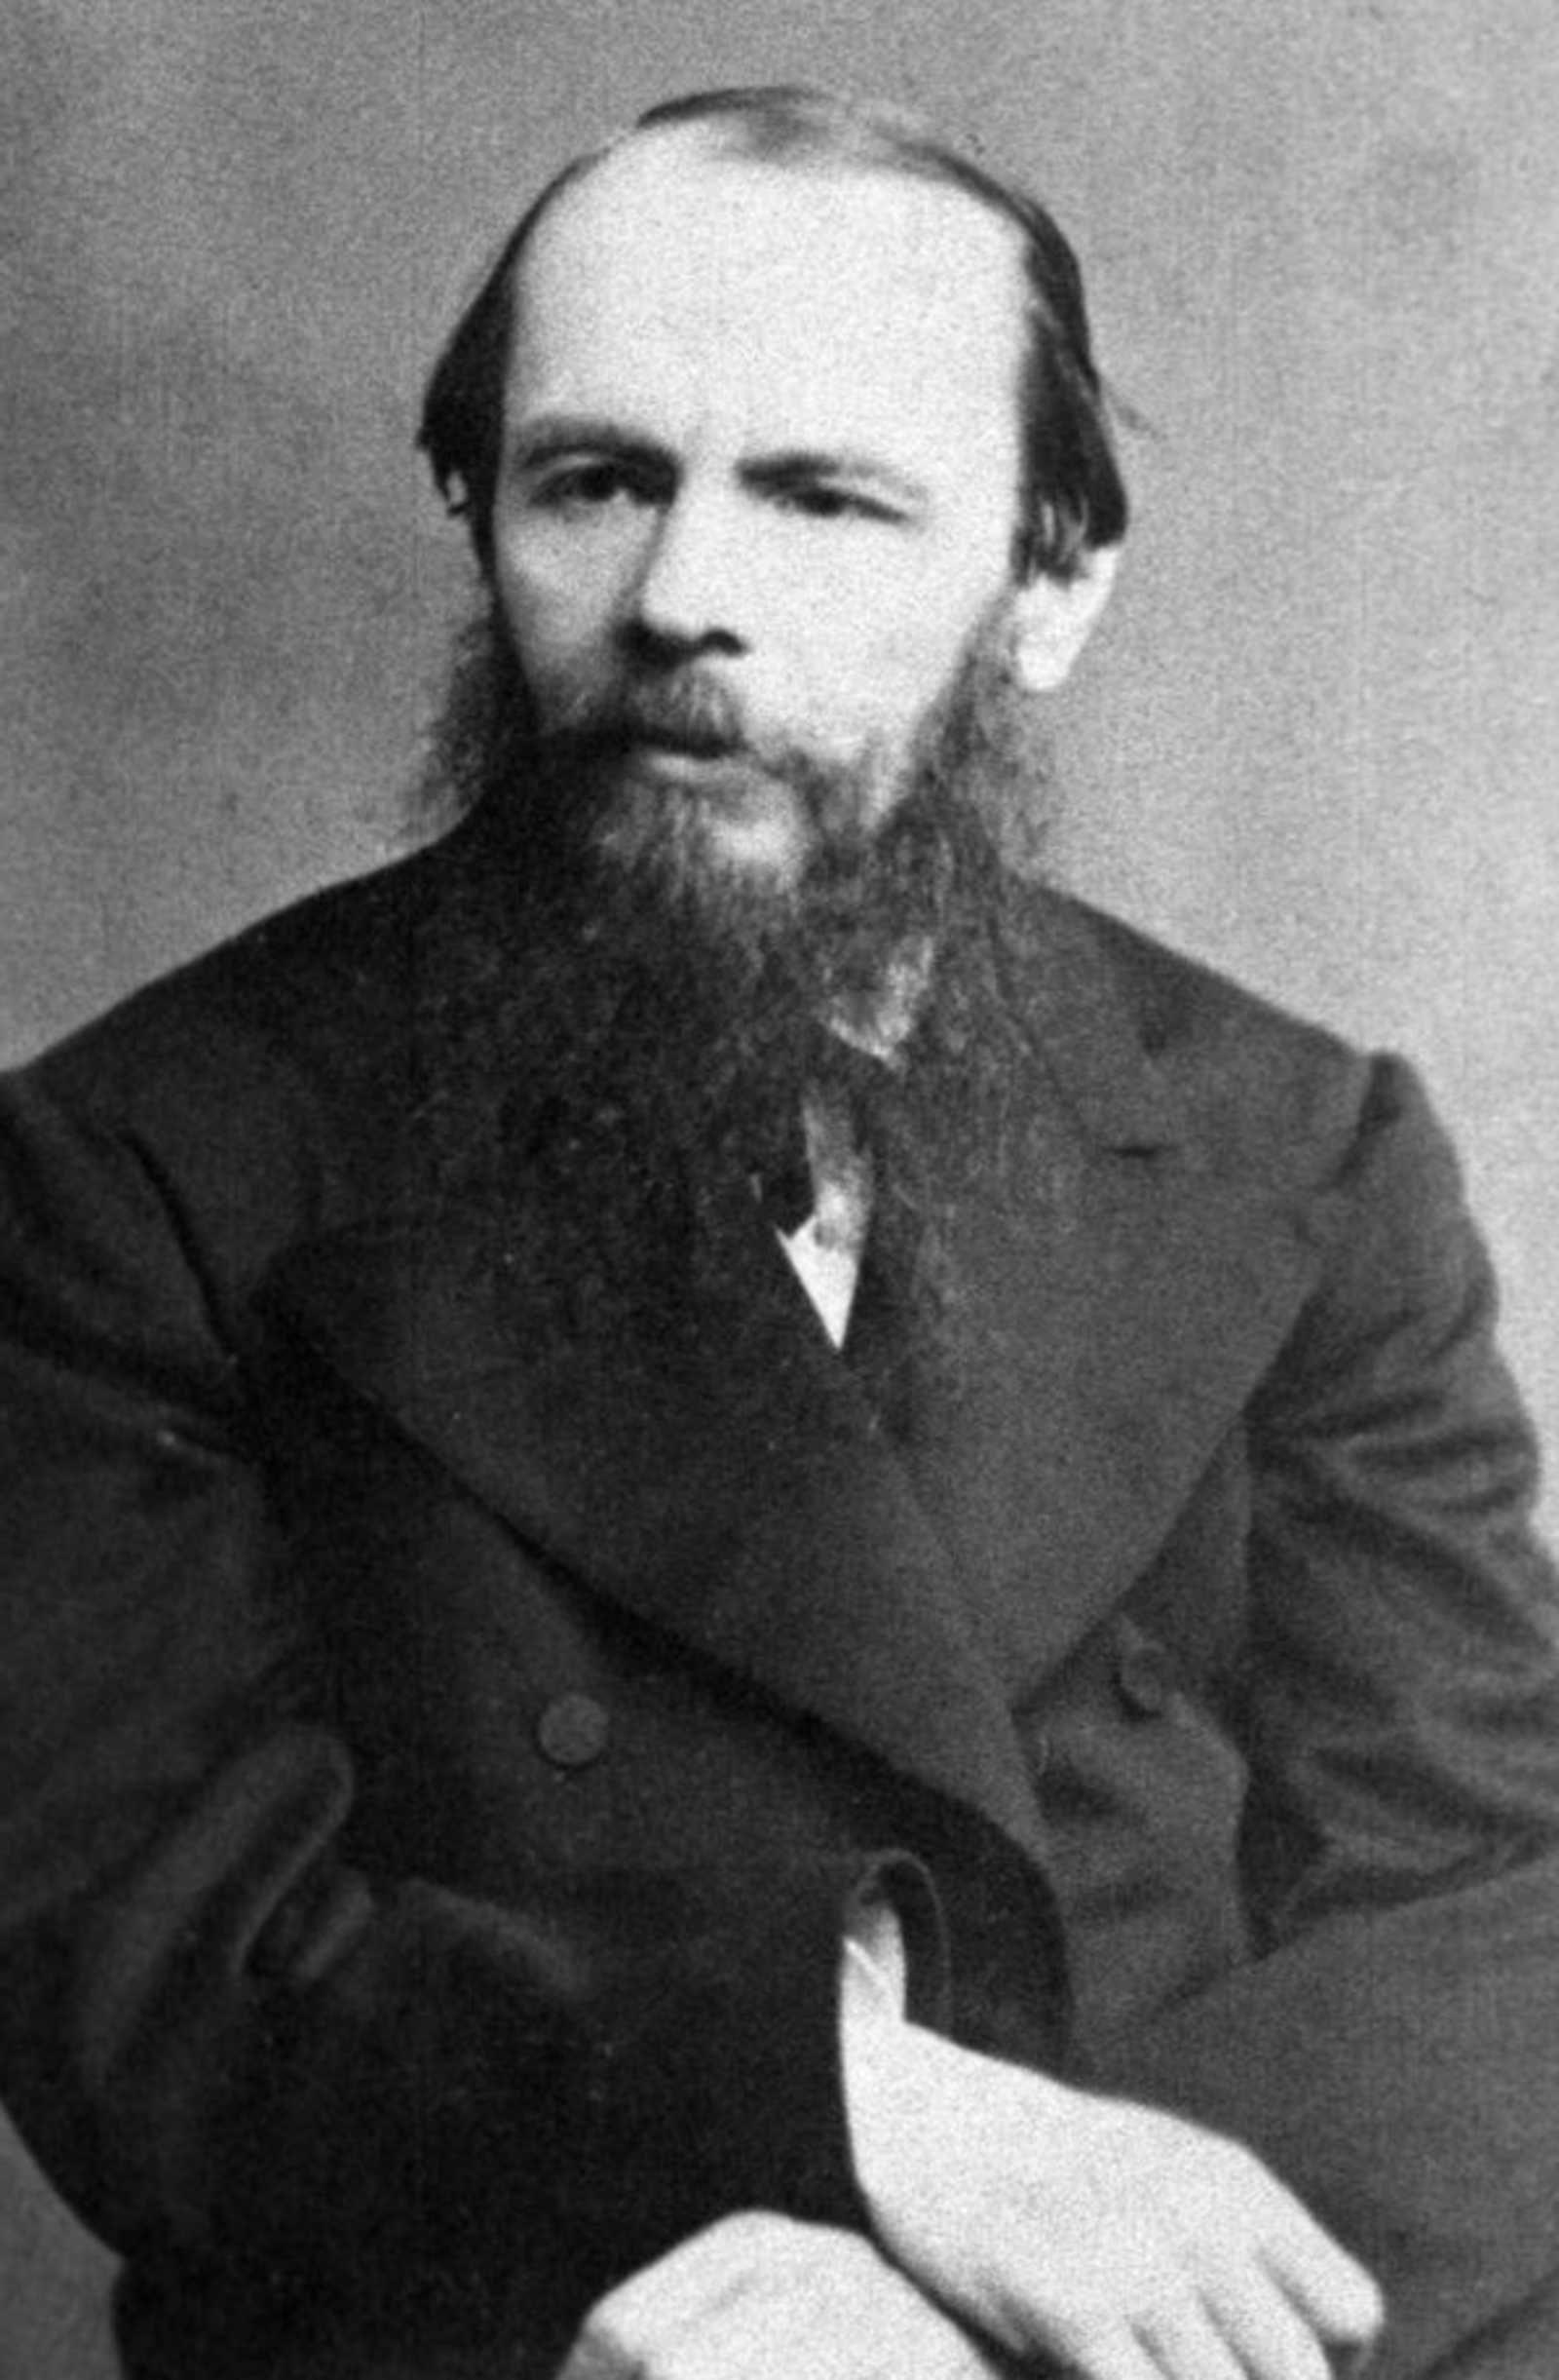 Фёдор Михайлович Достоевский. 1821 - 1881.